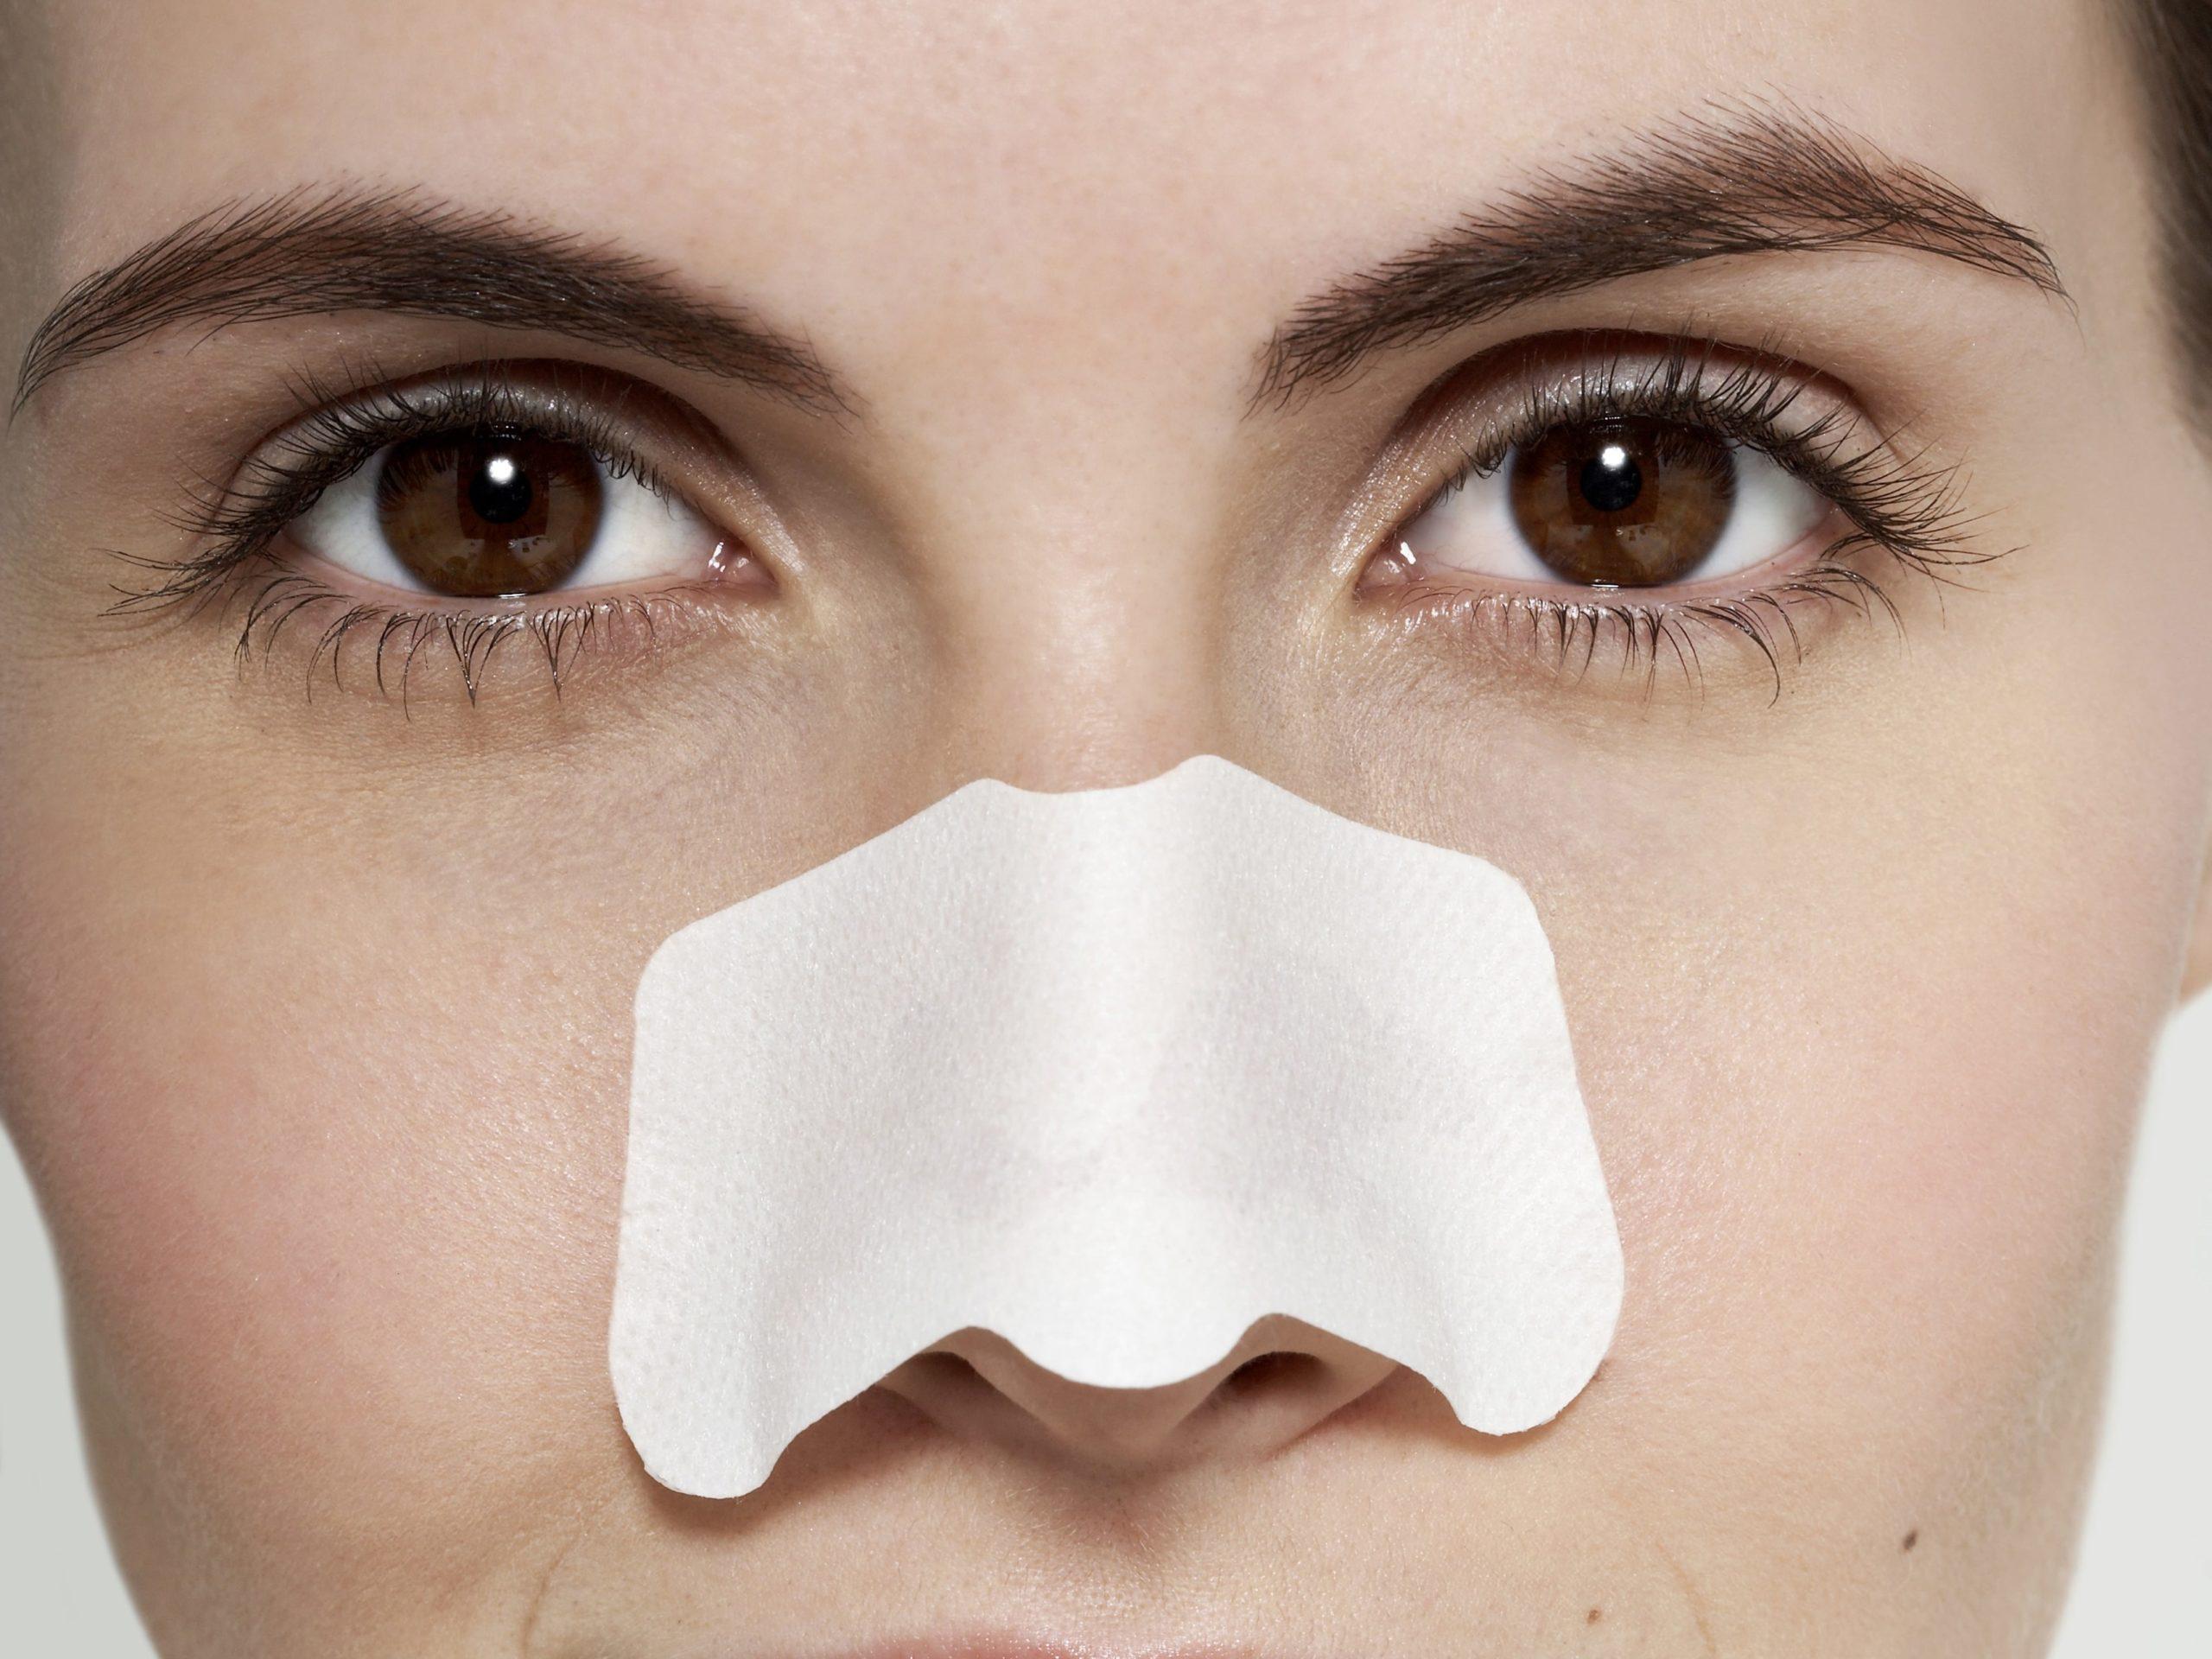 Рейтинг лучших очищающих полосок для носа на 2020 год